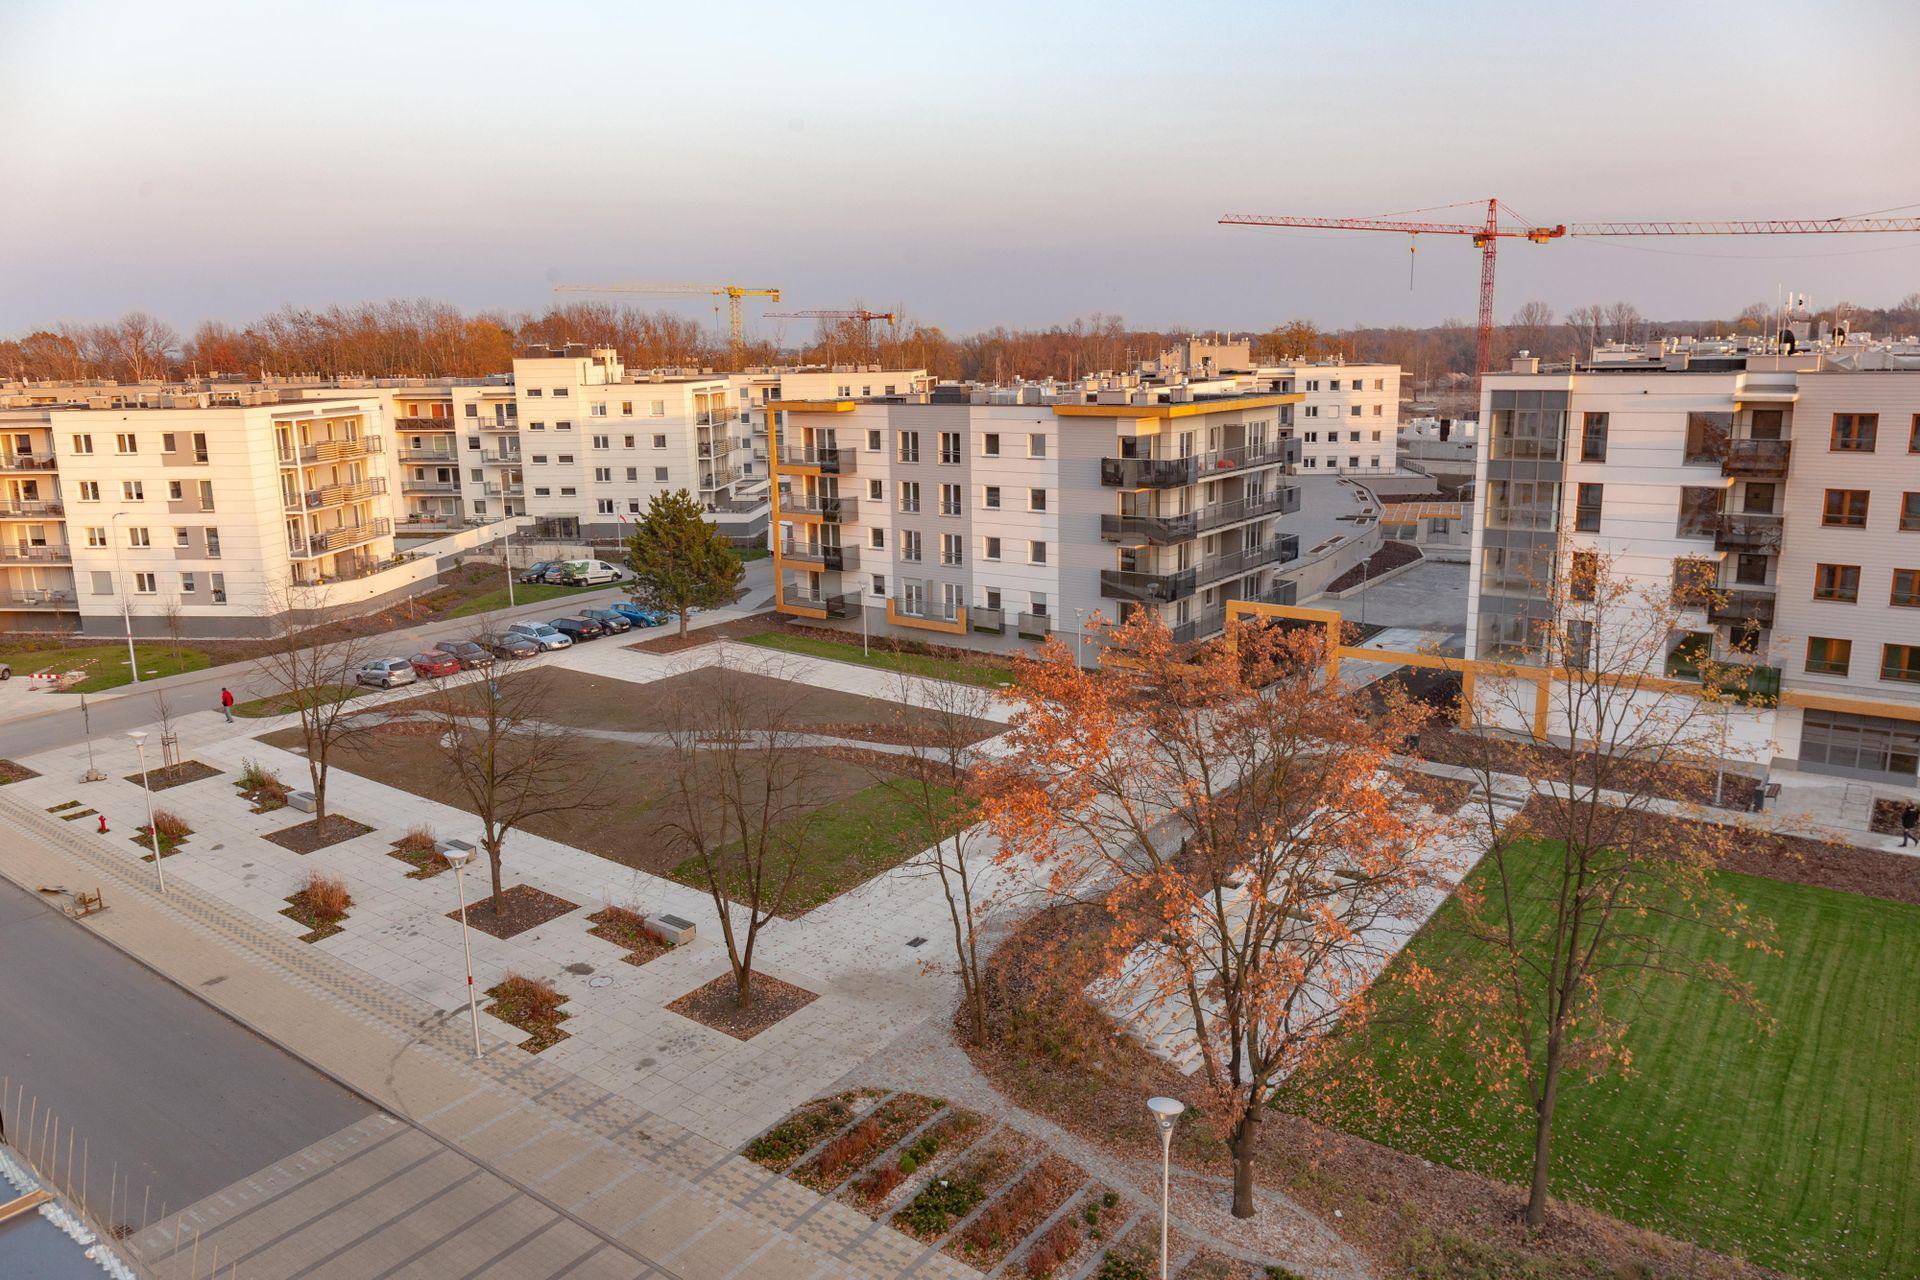 Kup mieszkanie dziś, a jutro dostaniesz klucze – Archicom proponuje mieszkania gotowe do odbioru